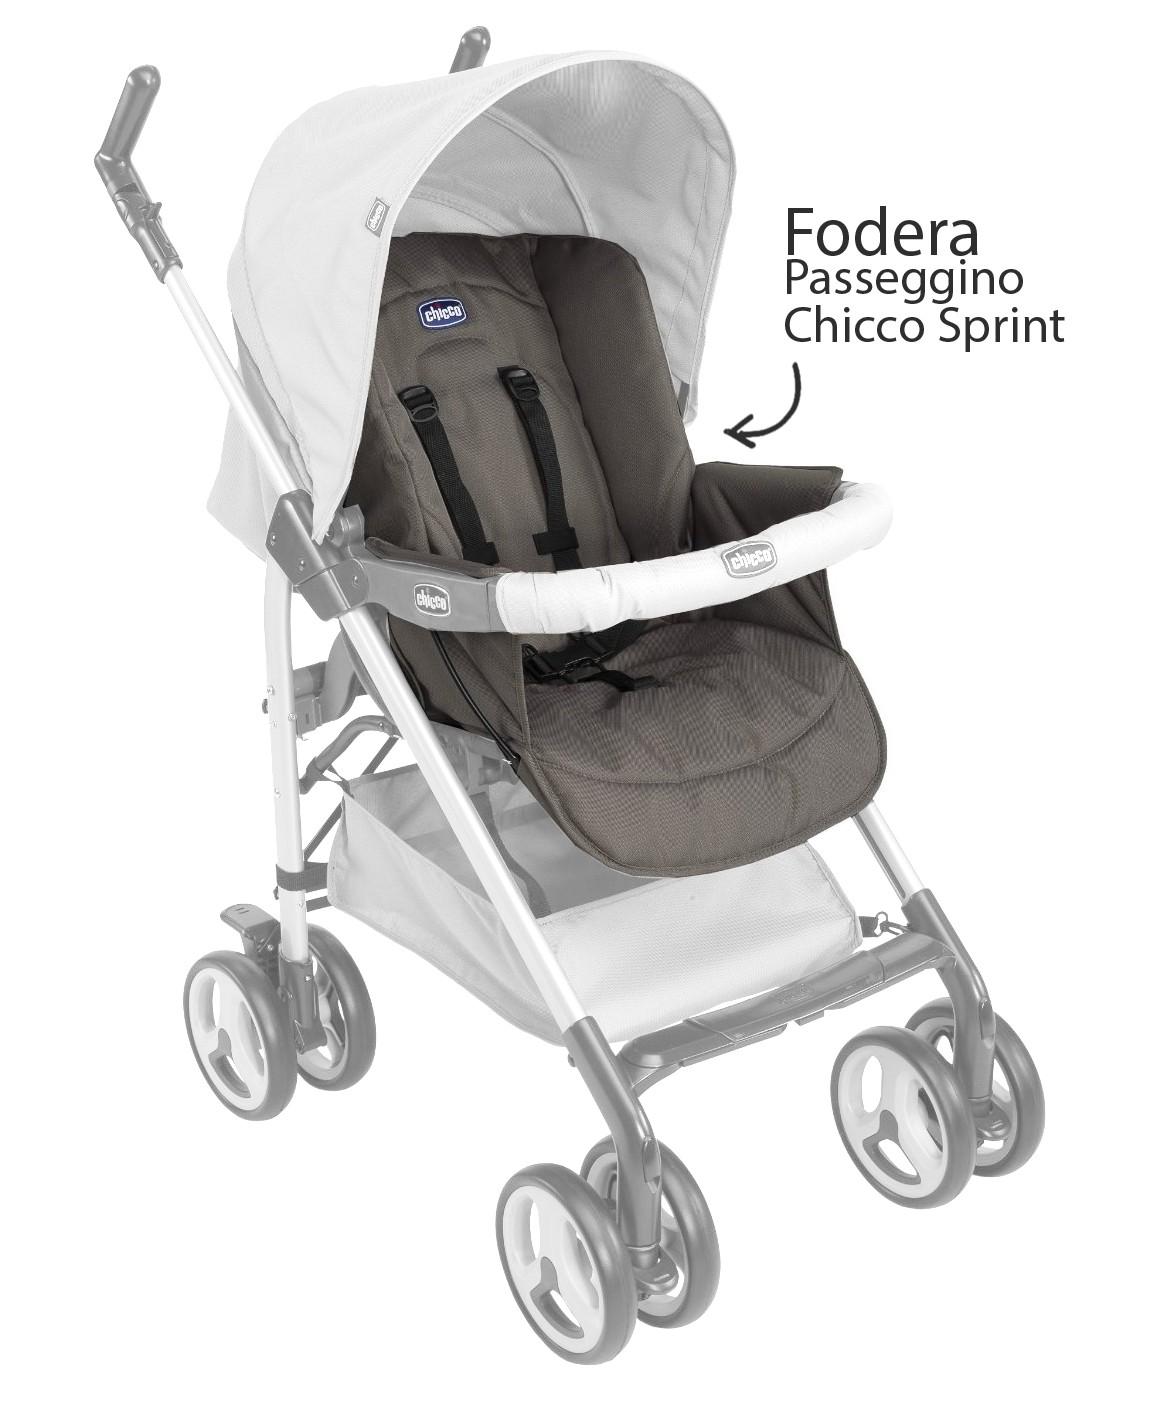 Fodera Passeggino Sprint Chicco Sandshell